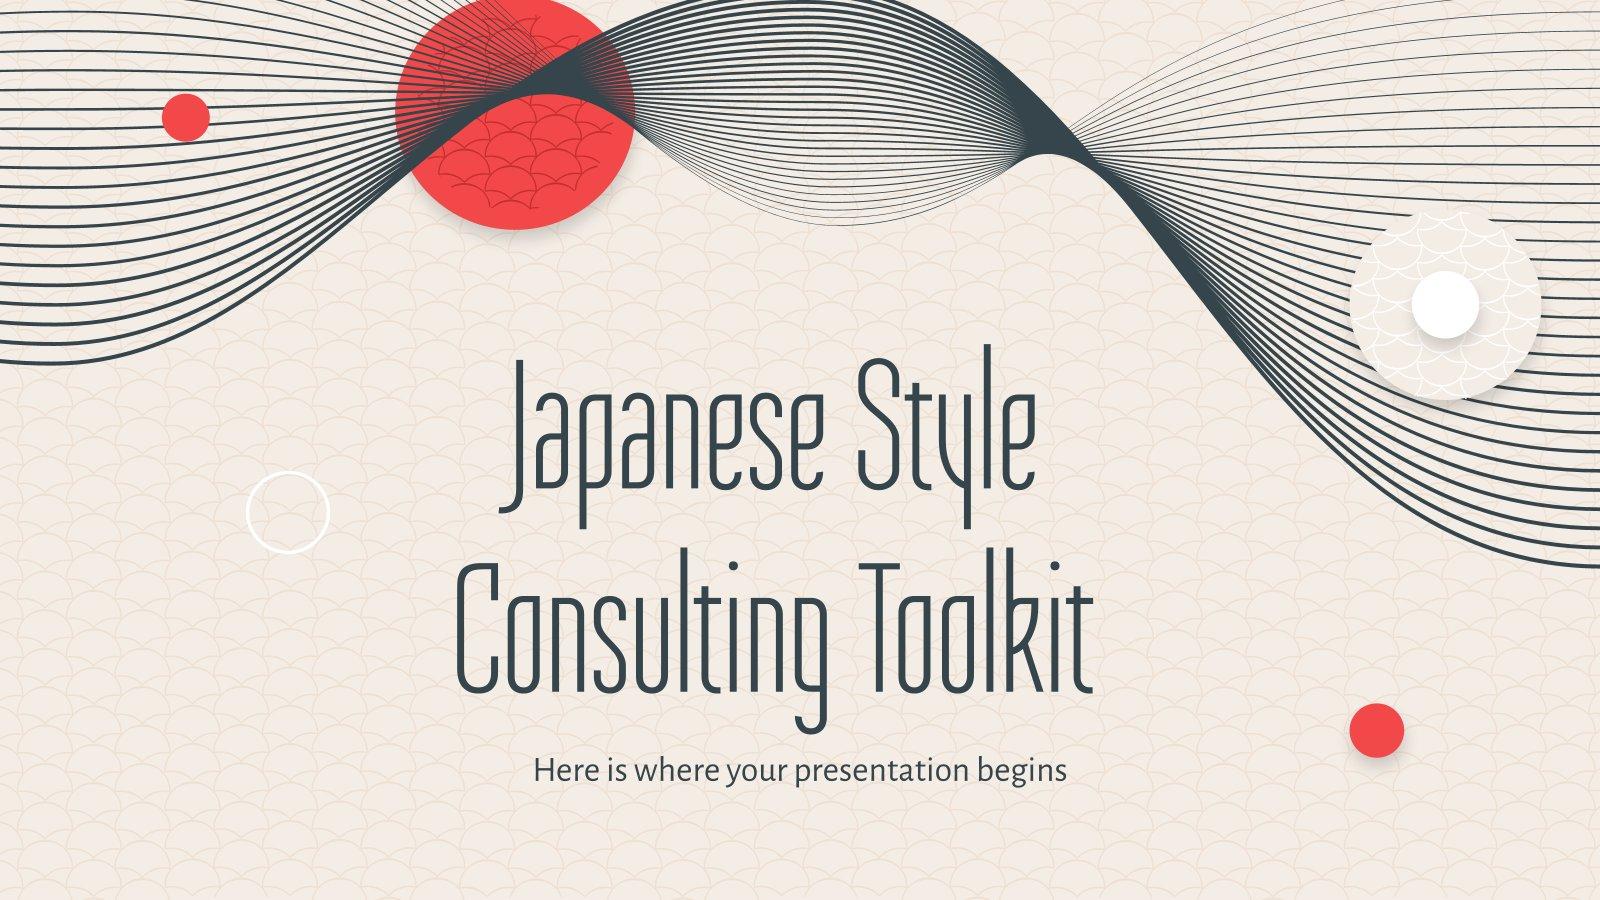 Beratungs-Toolkit im japanischen Stil Präsentationsvorlage